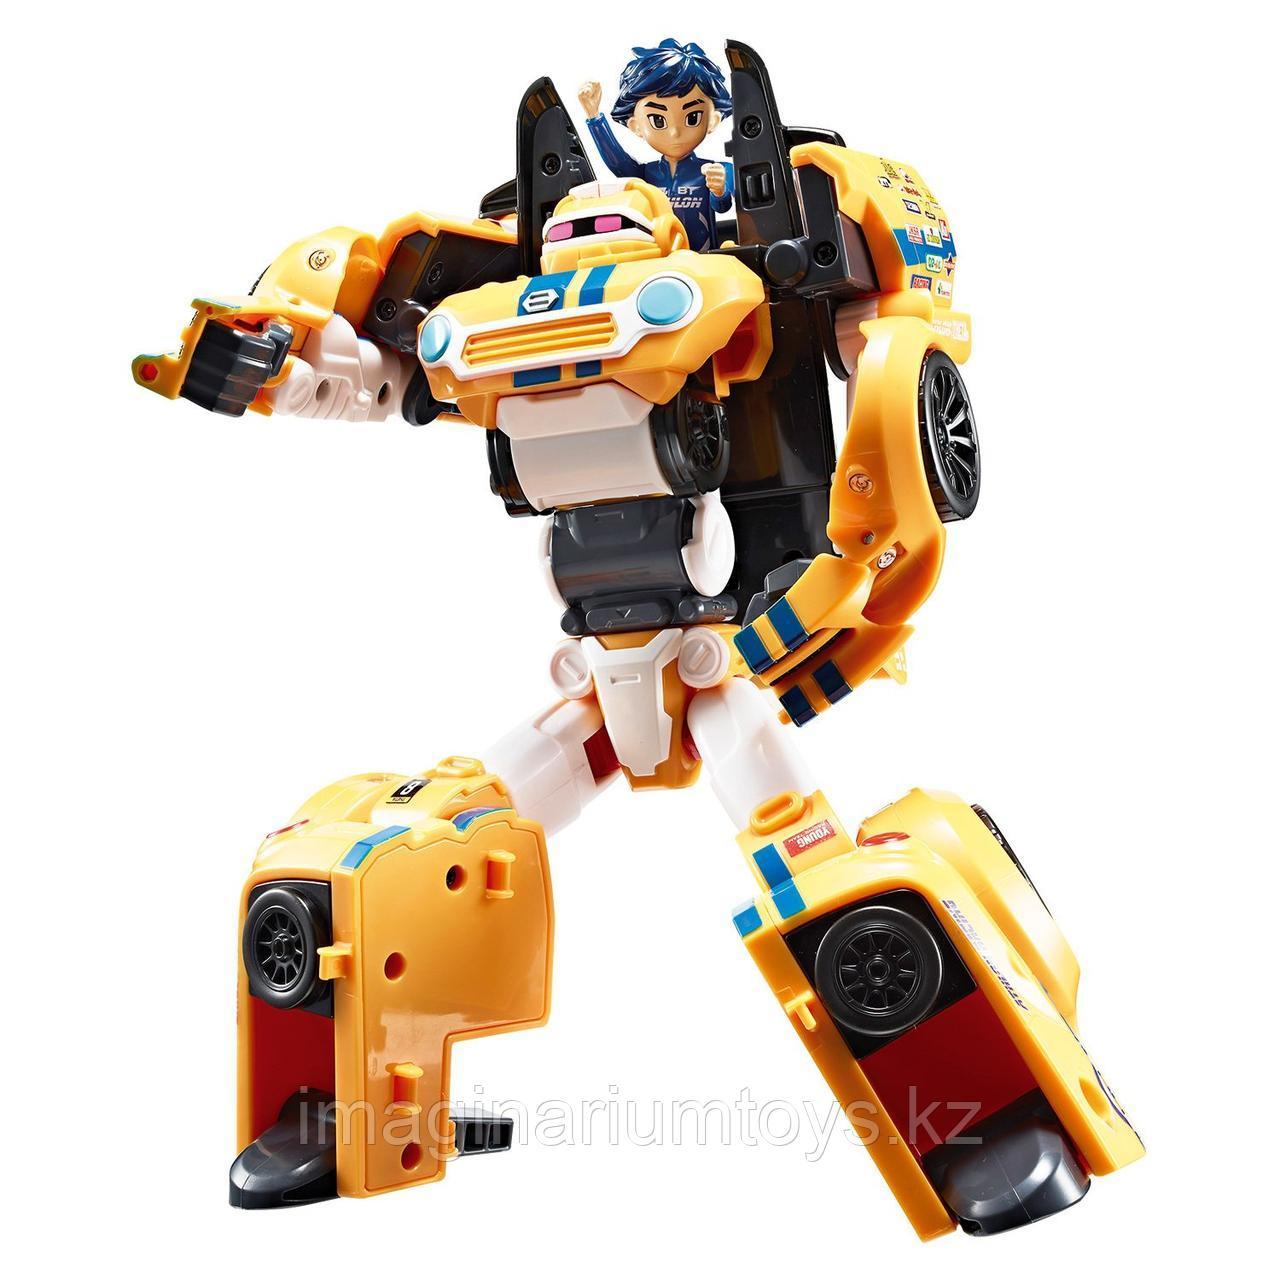 Тобот робот трансформер Атлон Тета S1